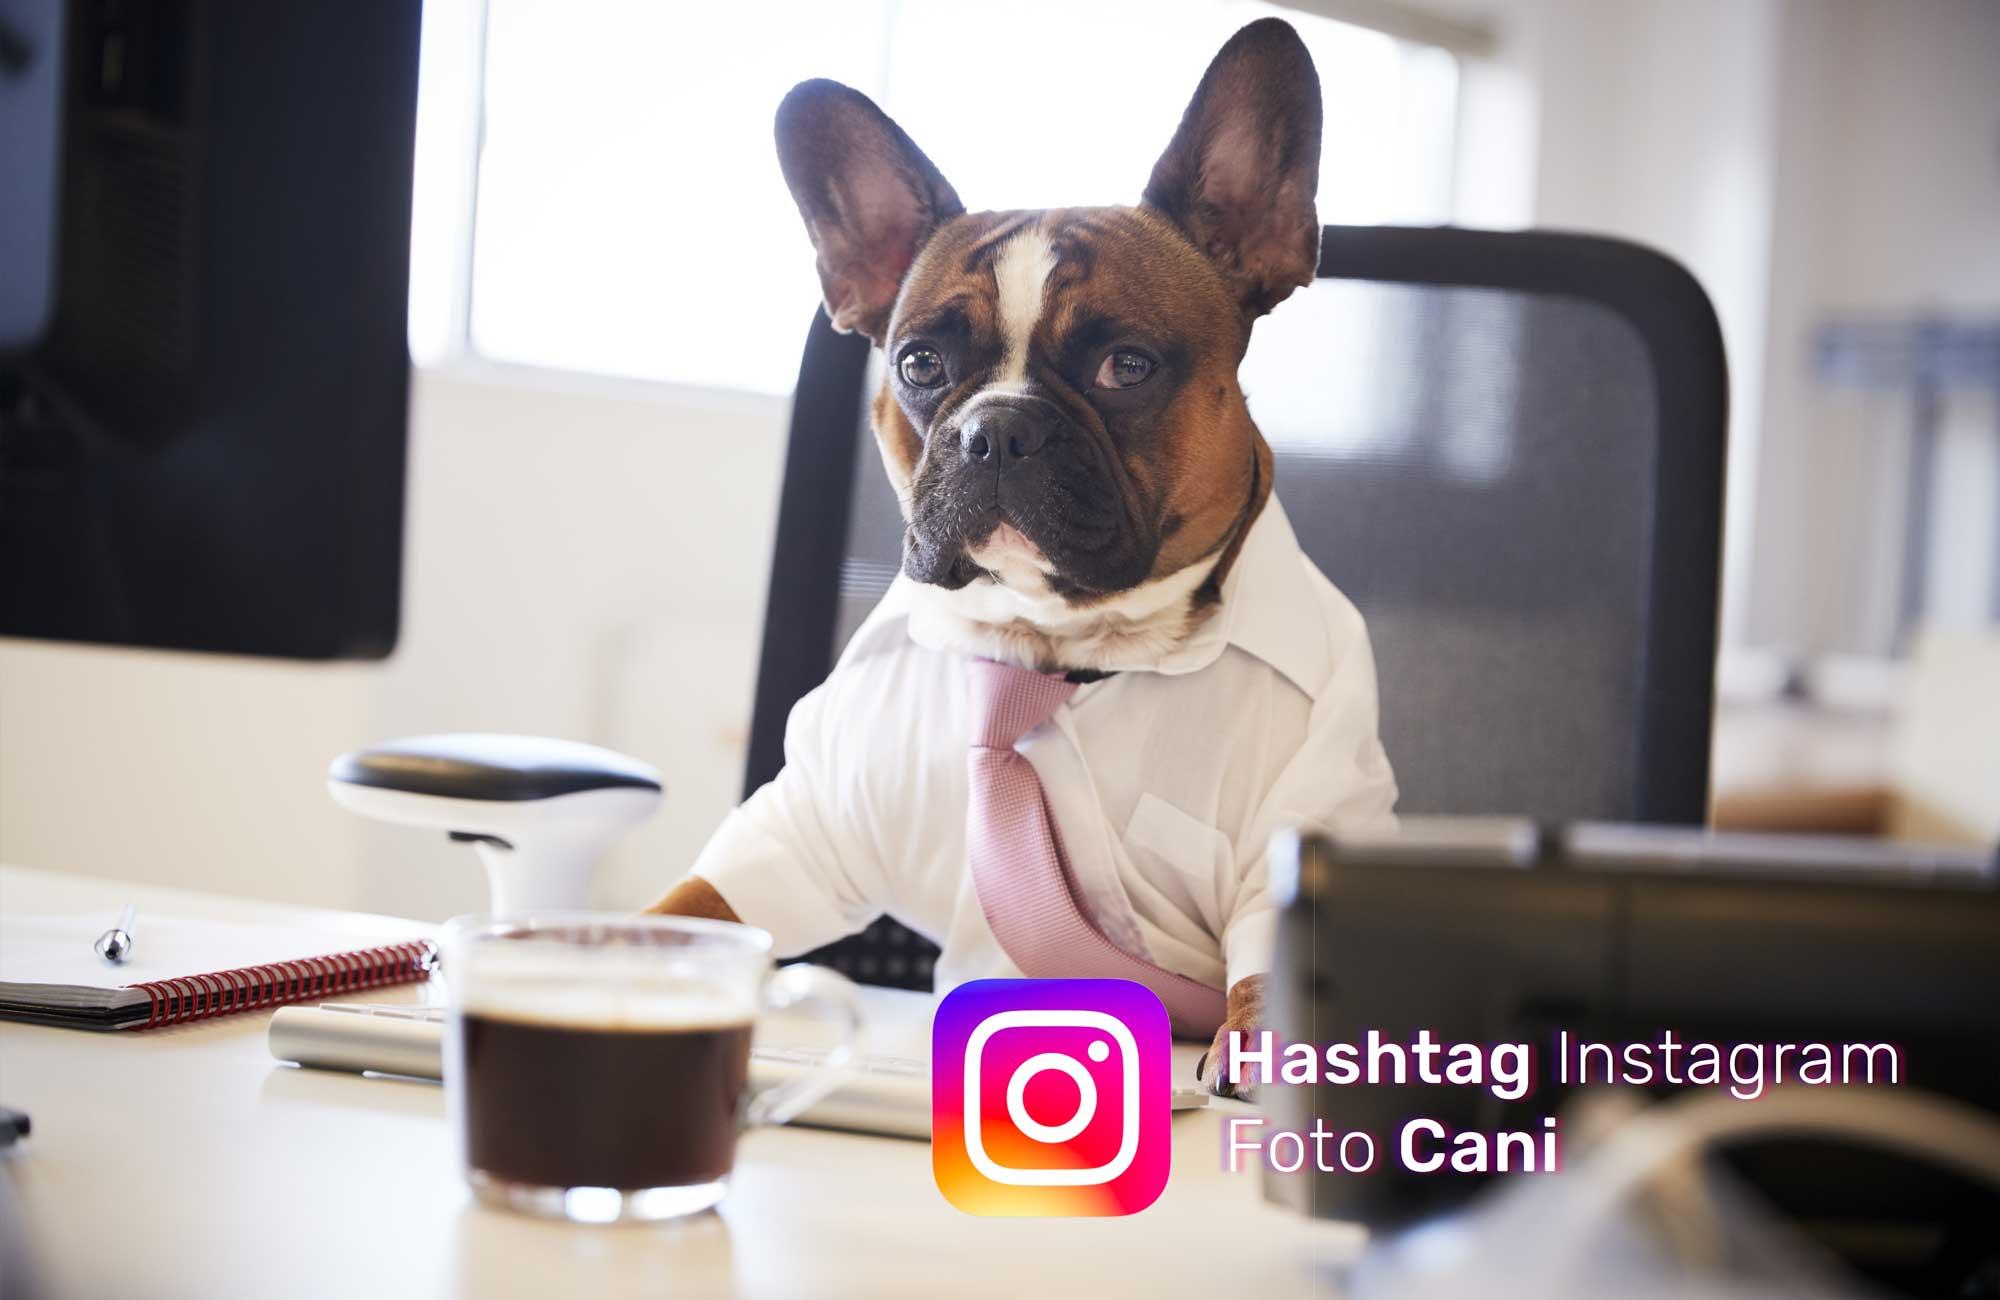 Hashtag Instagram Cani | Quali Hashtag Usare Sulle Foto Del Cane?